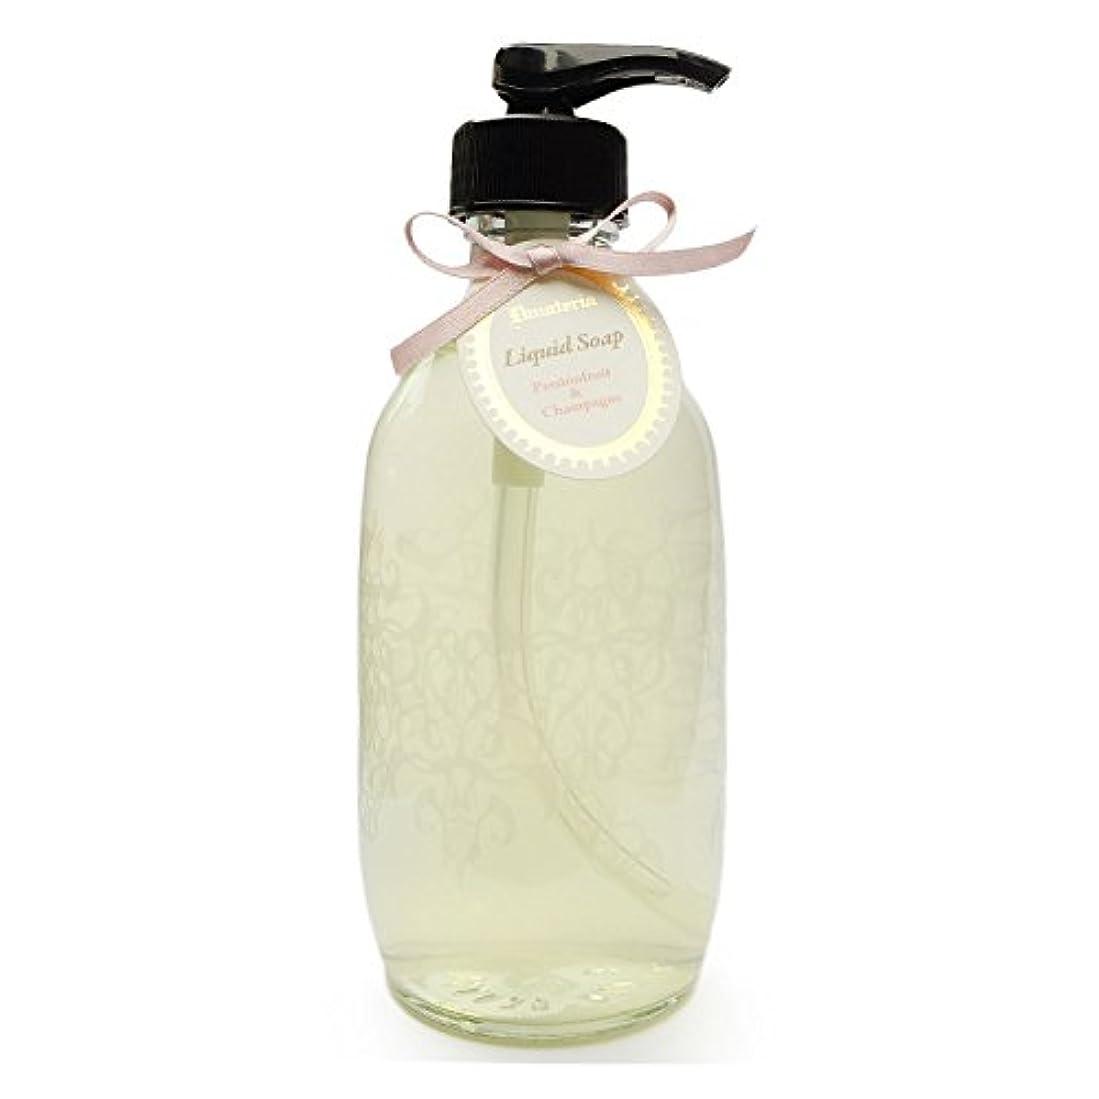 主婦医薬ハミングバードD materia リキッドソープ パッションフルーツ&シャンパン Passionfruit&Champagne Liquid Soap ディーマテリア